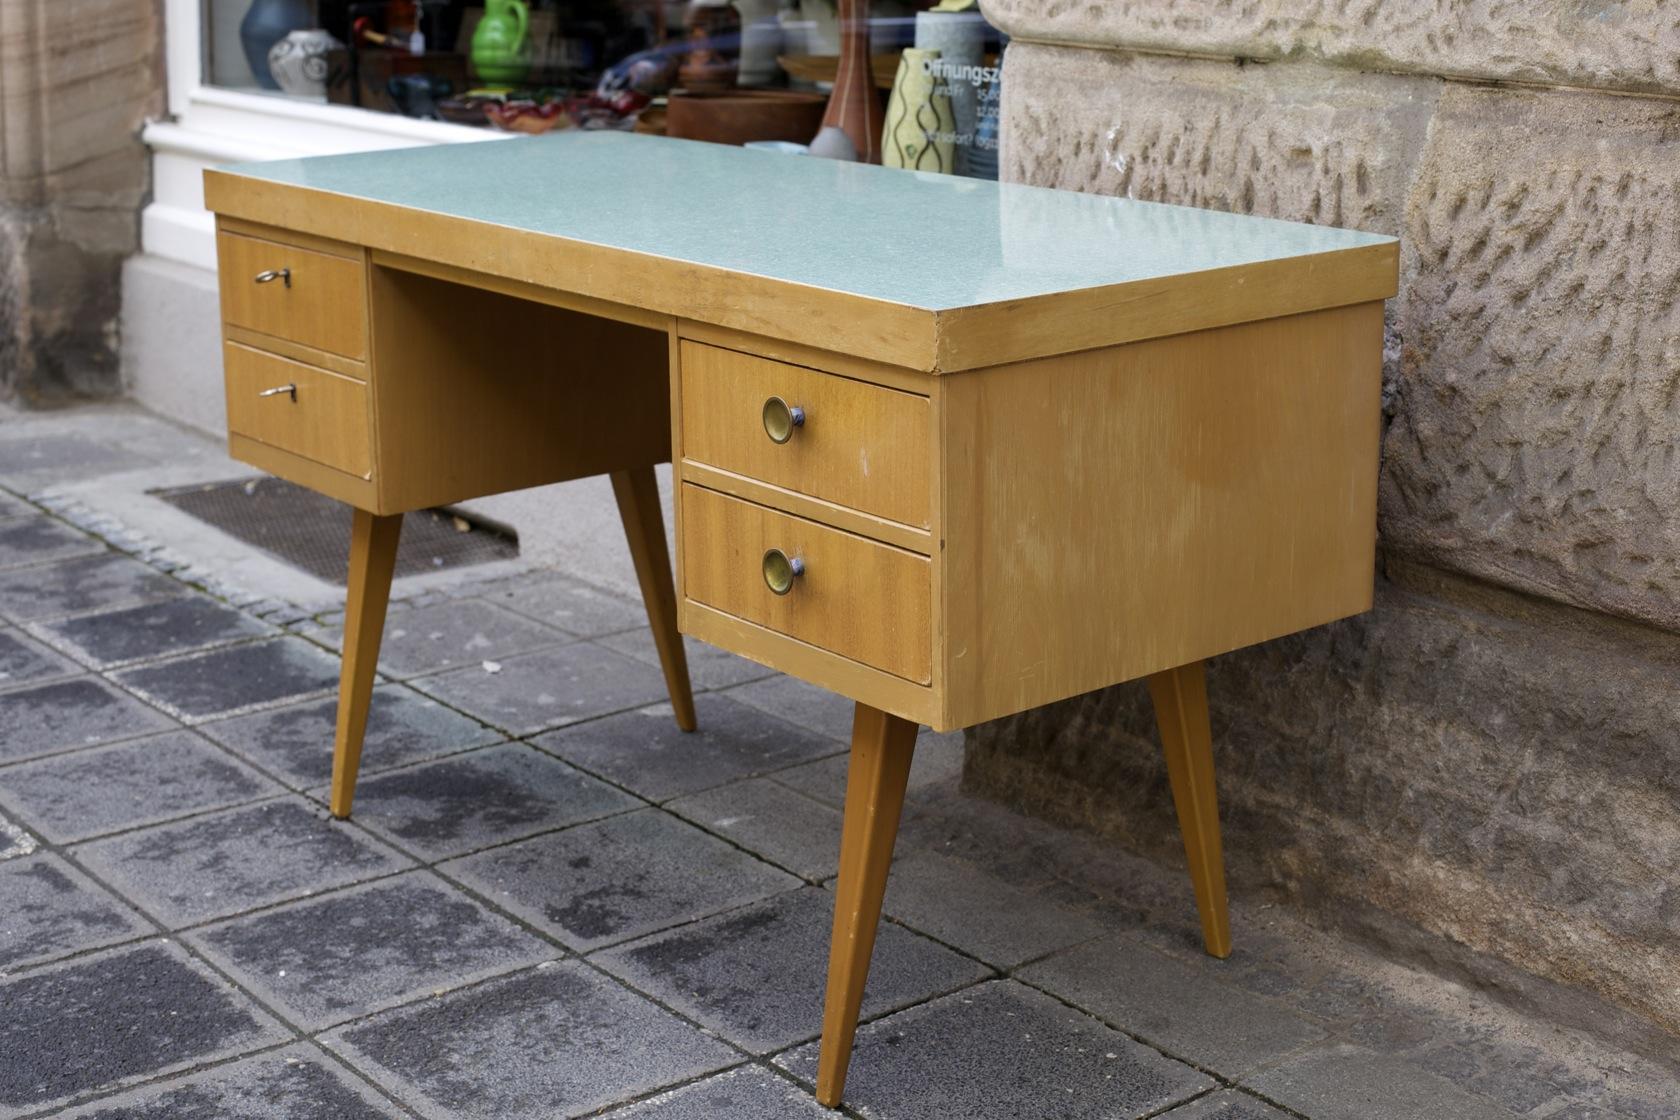 schreibtisch eka werk 50er jahre raumwunder vintage wohnen in n rnberg. Black Bedroom Furniture Sets. Home Design Ideas